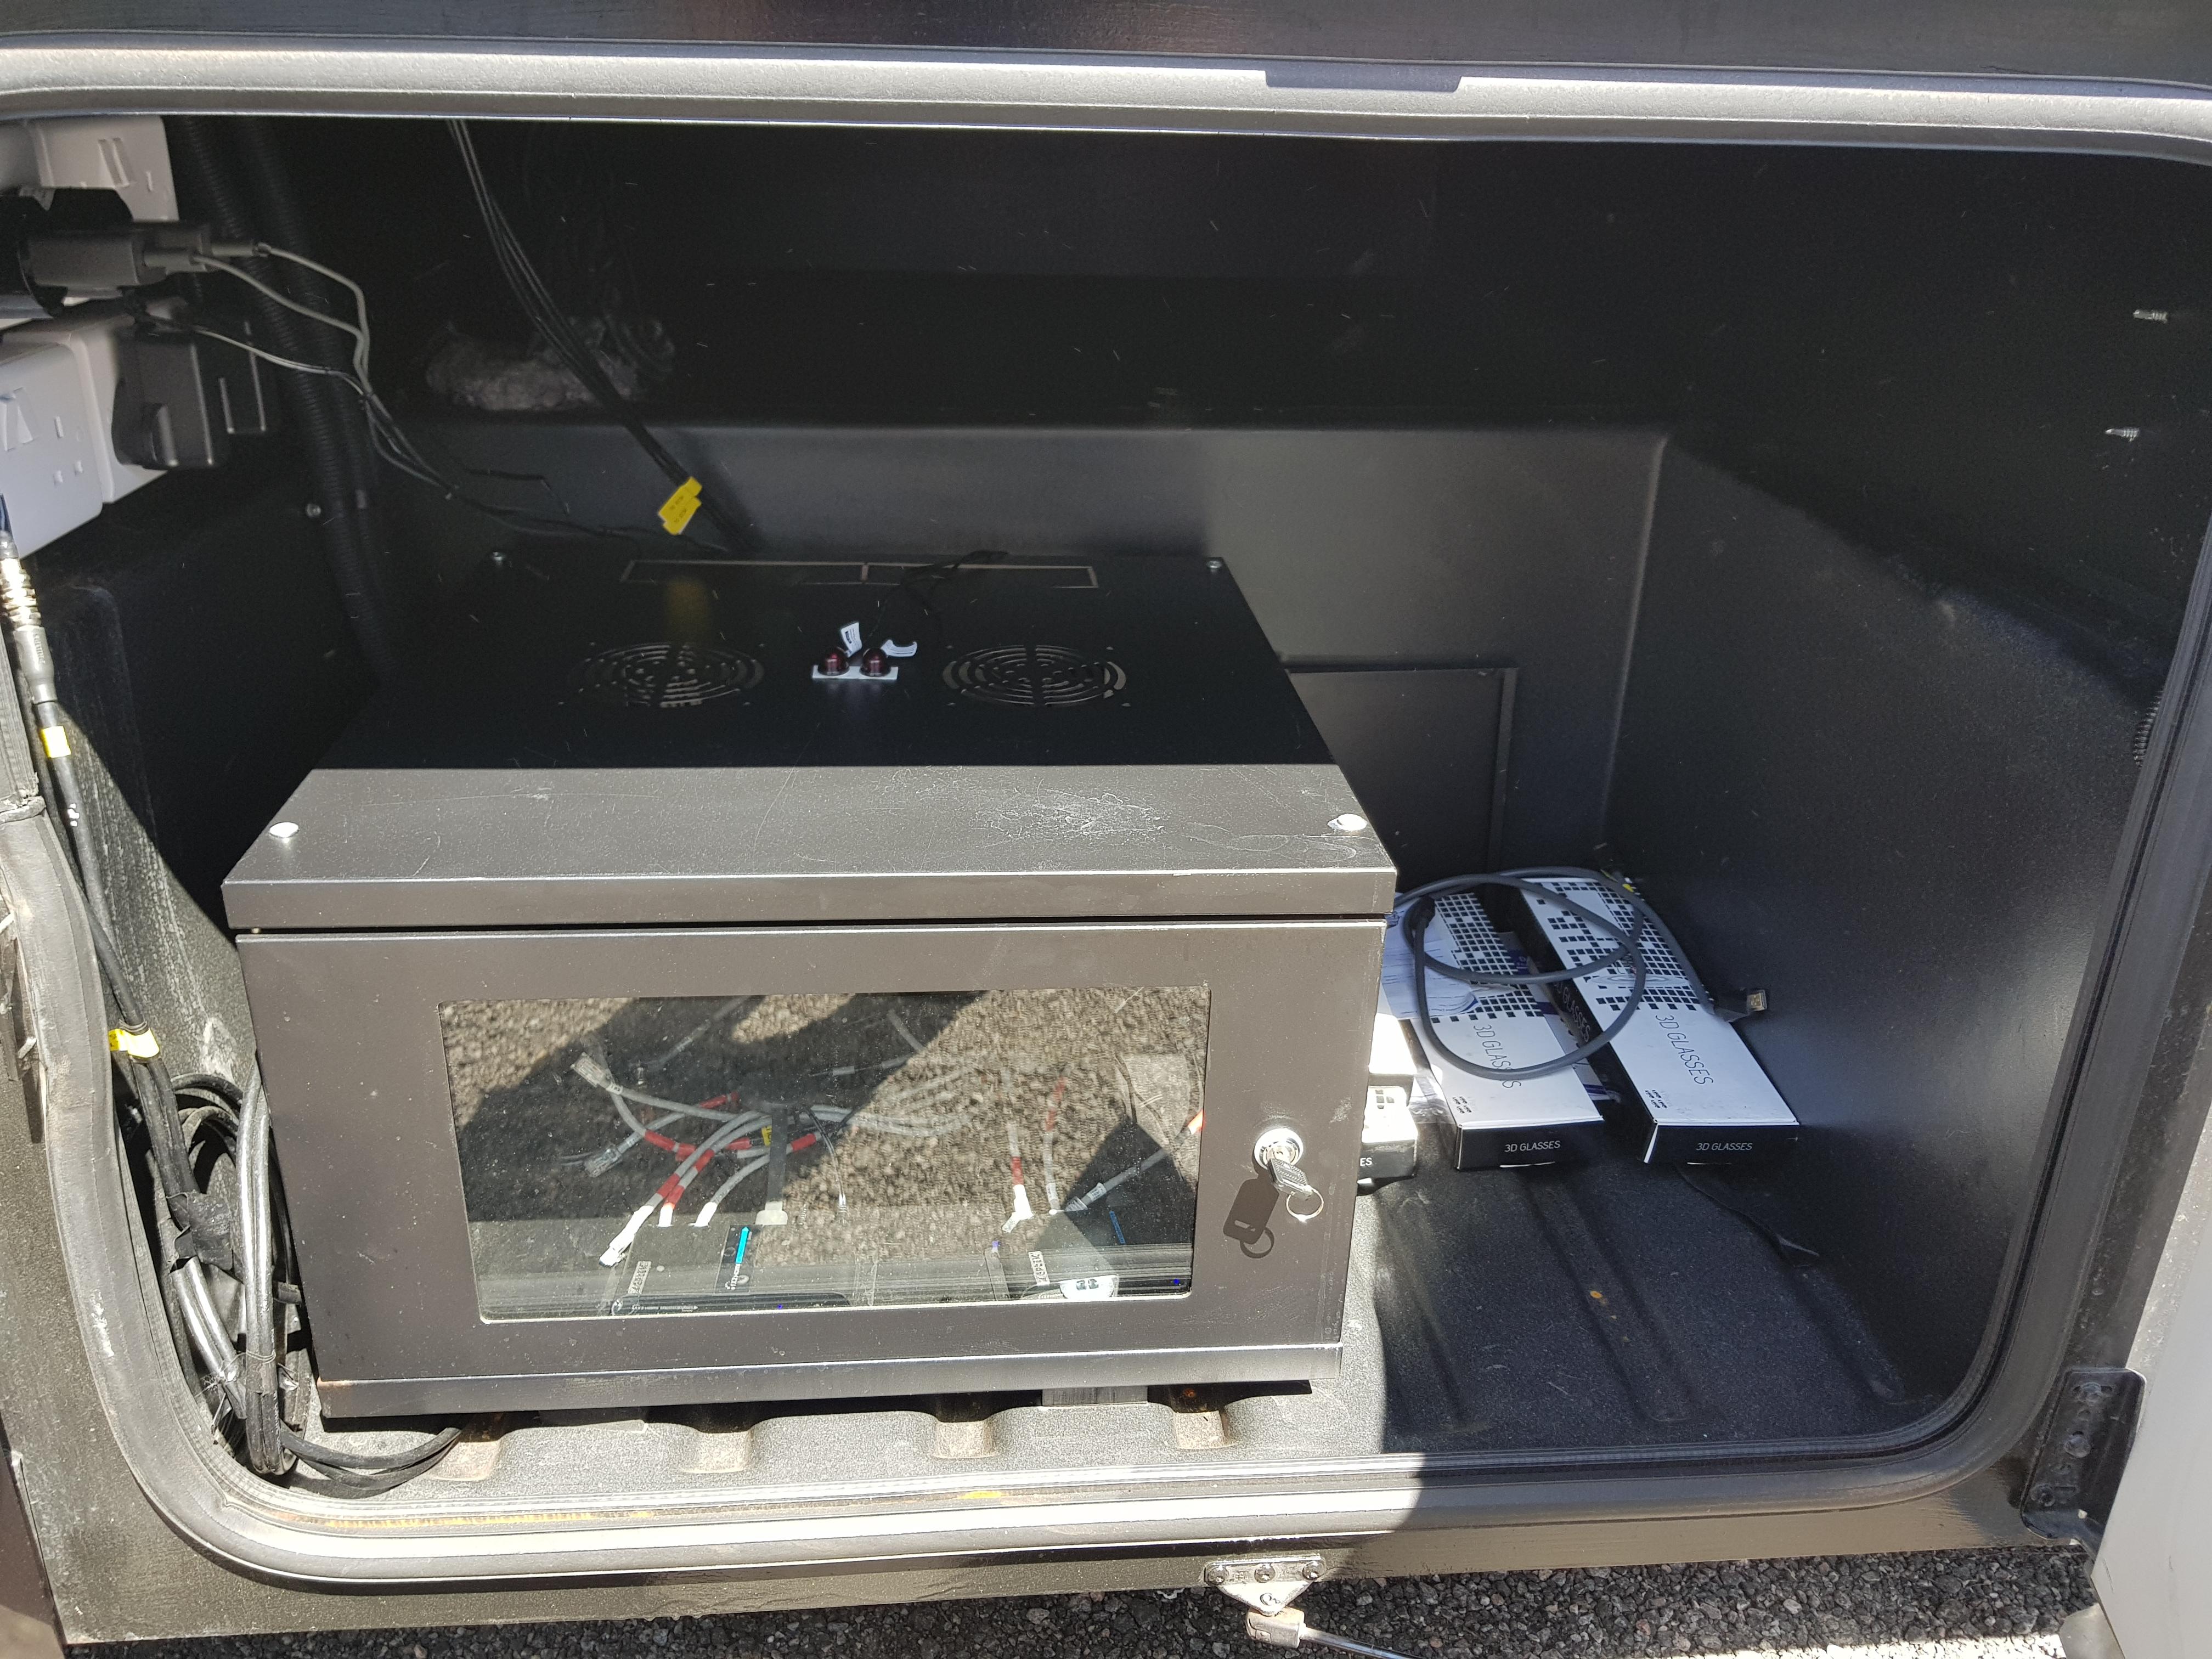 3D TV utrustning.